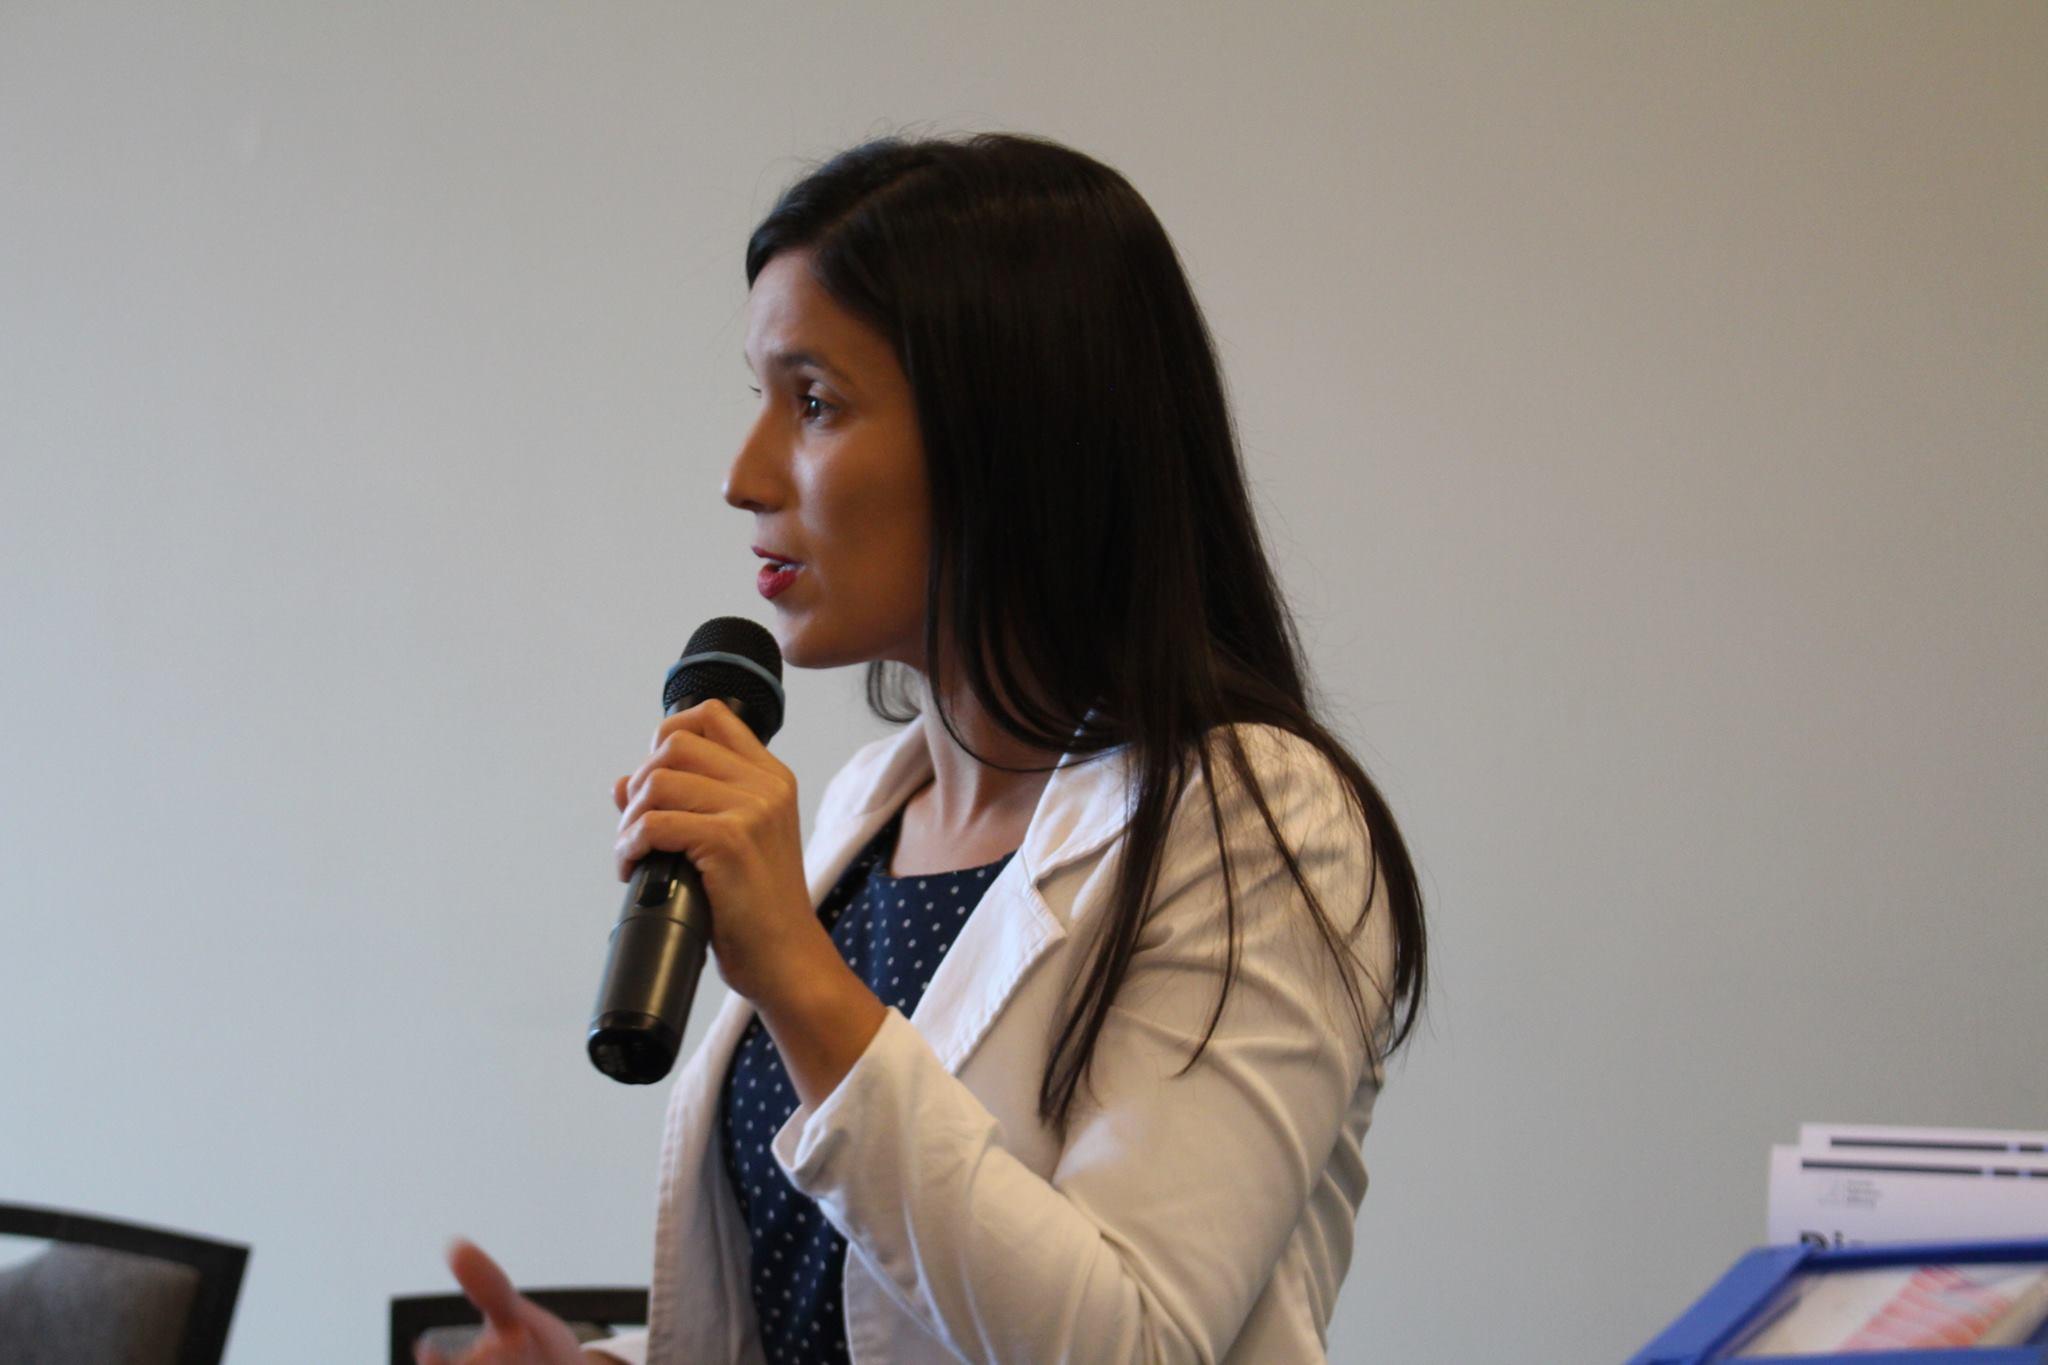 Christa Rivas Caballero